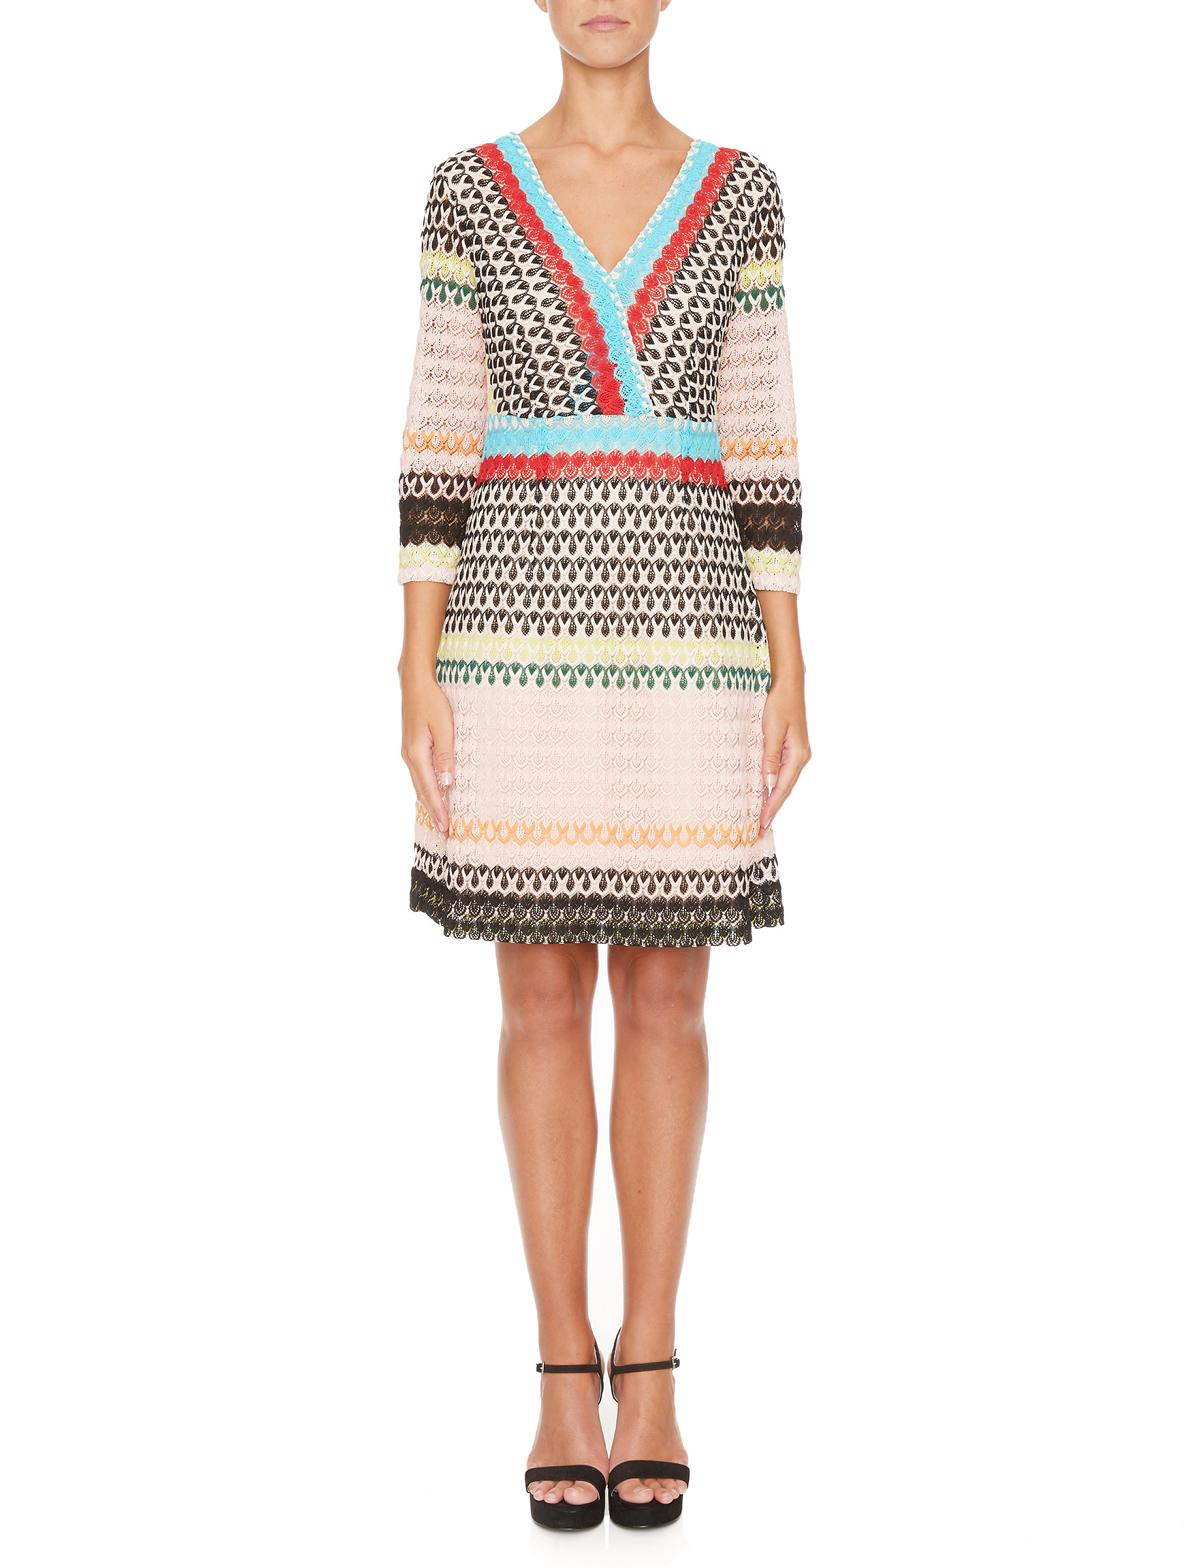 Vorderansicht von Ana Alcazar Empire Kleid Mimikena  angezogen an Model